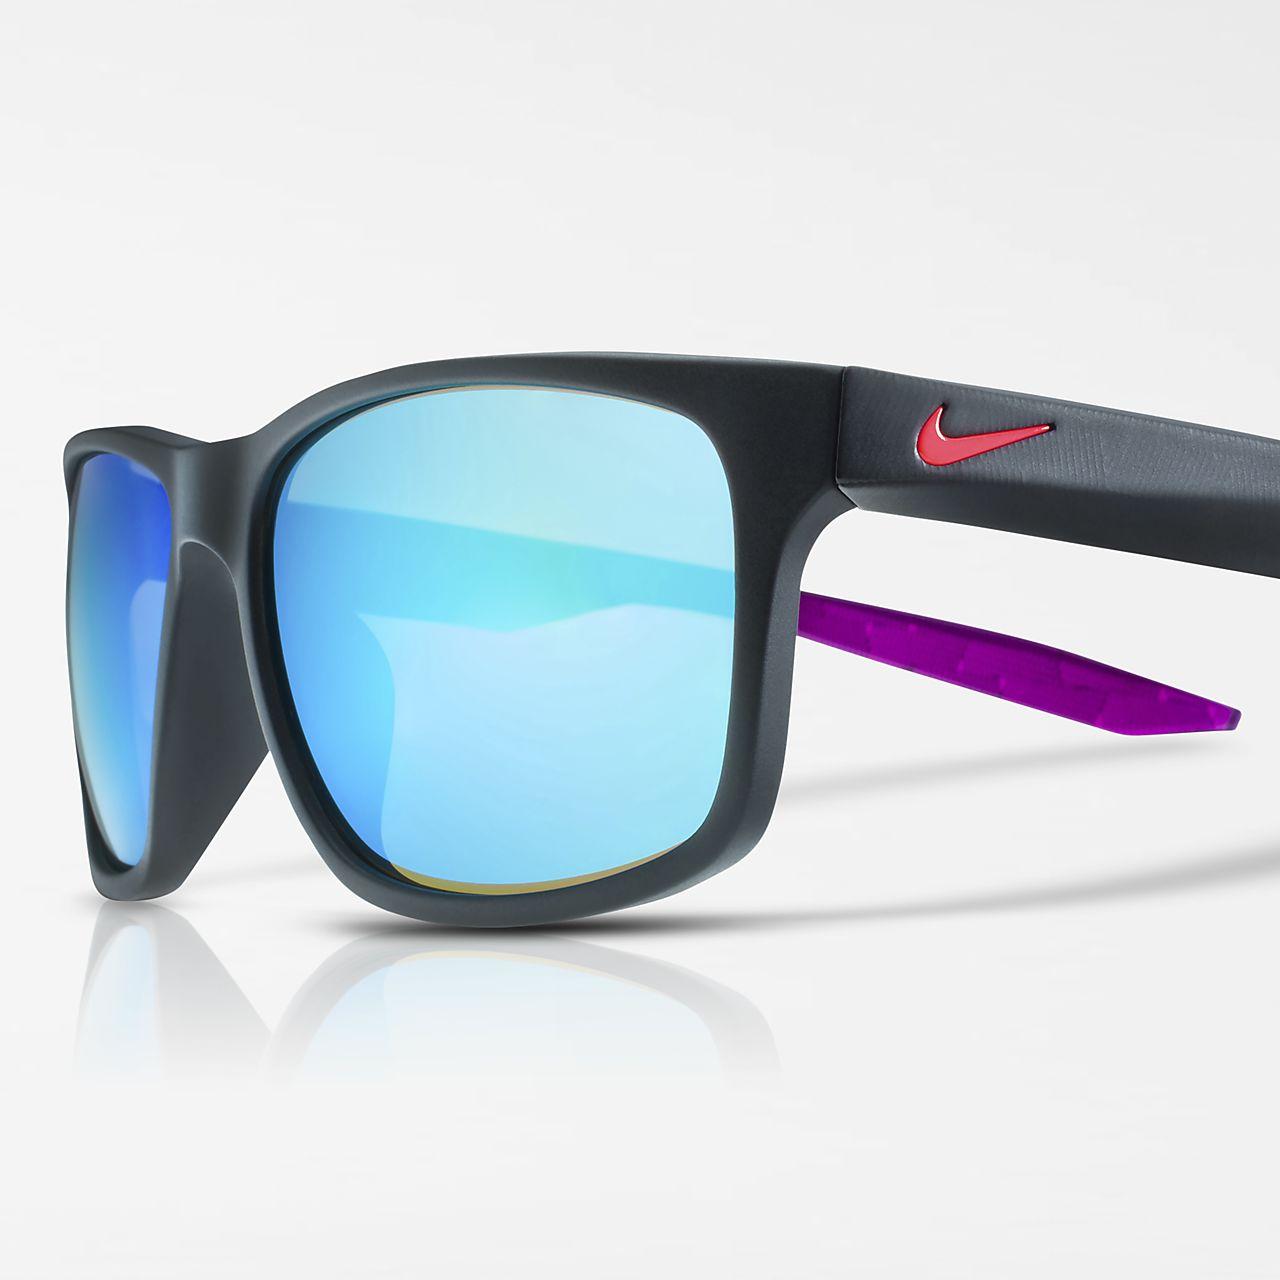 Nike Terminus Mirrored Sonnenbrille - Schwarz AksQADWKo